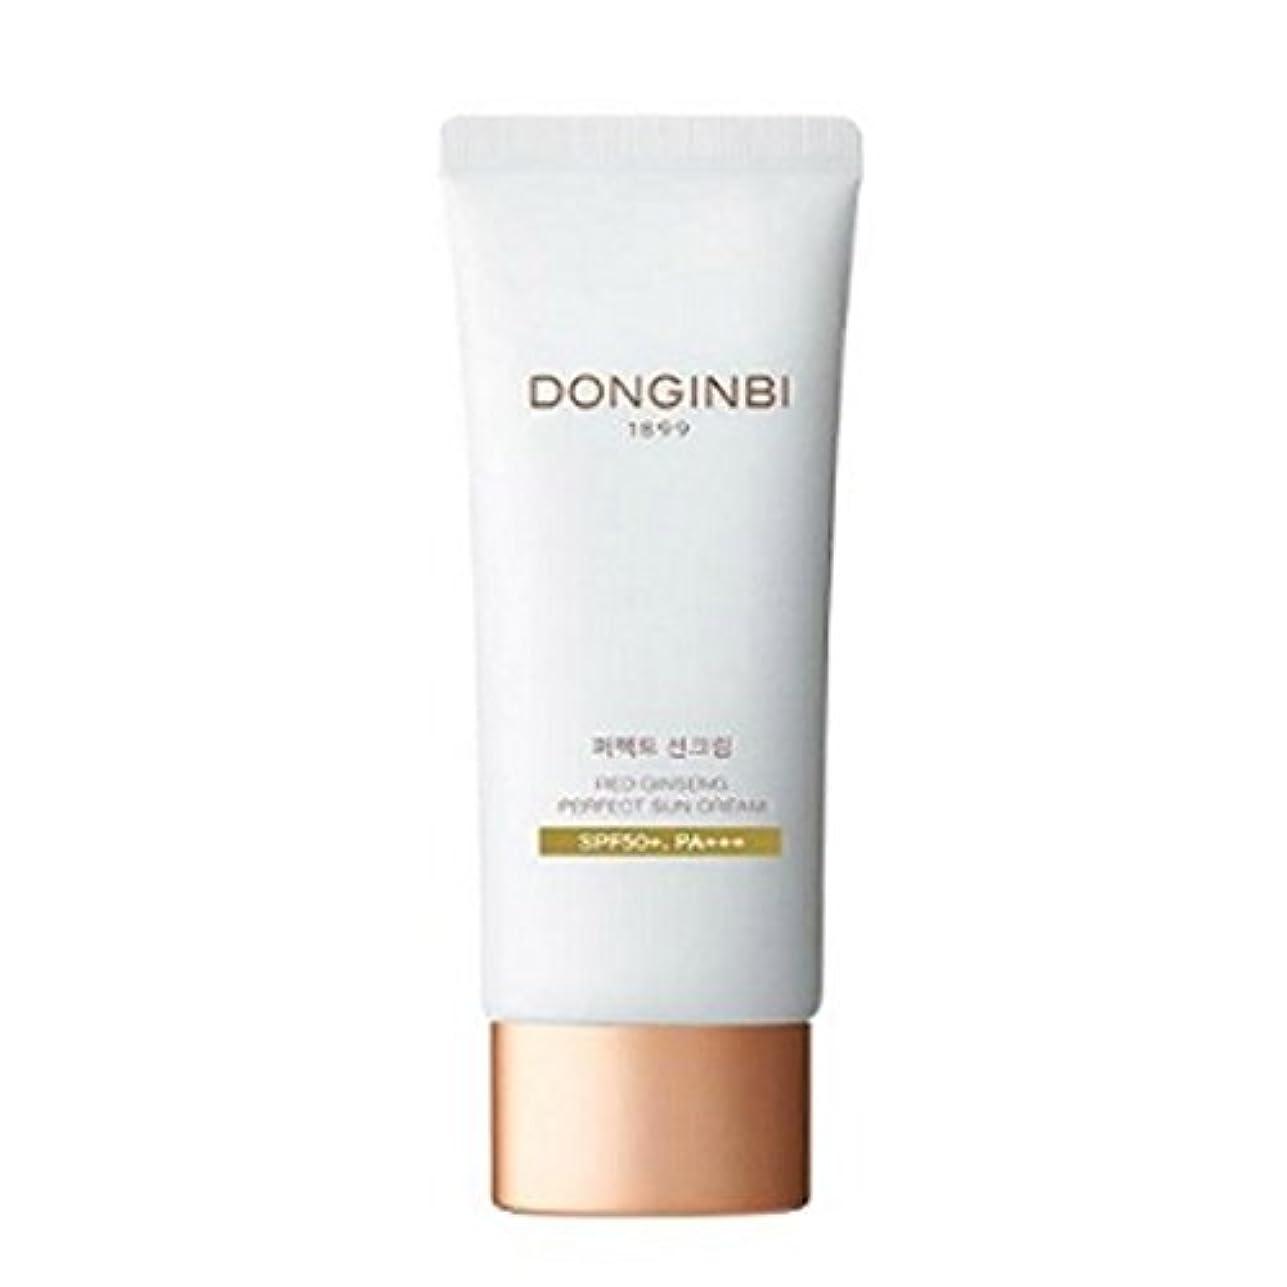 帝国主義ホース要求[ドンインビ]DONGINBI ドンインビパーフェクトサンクリーム50ml 海外直送品 perfect suncream SPF50+ PA+++ 50ml [並行輸入品]